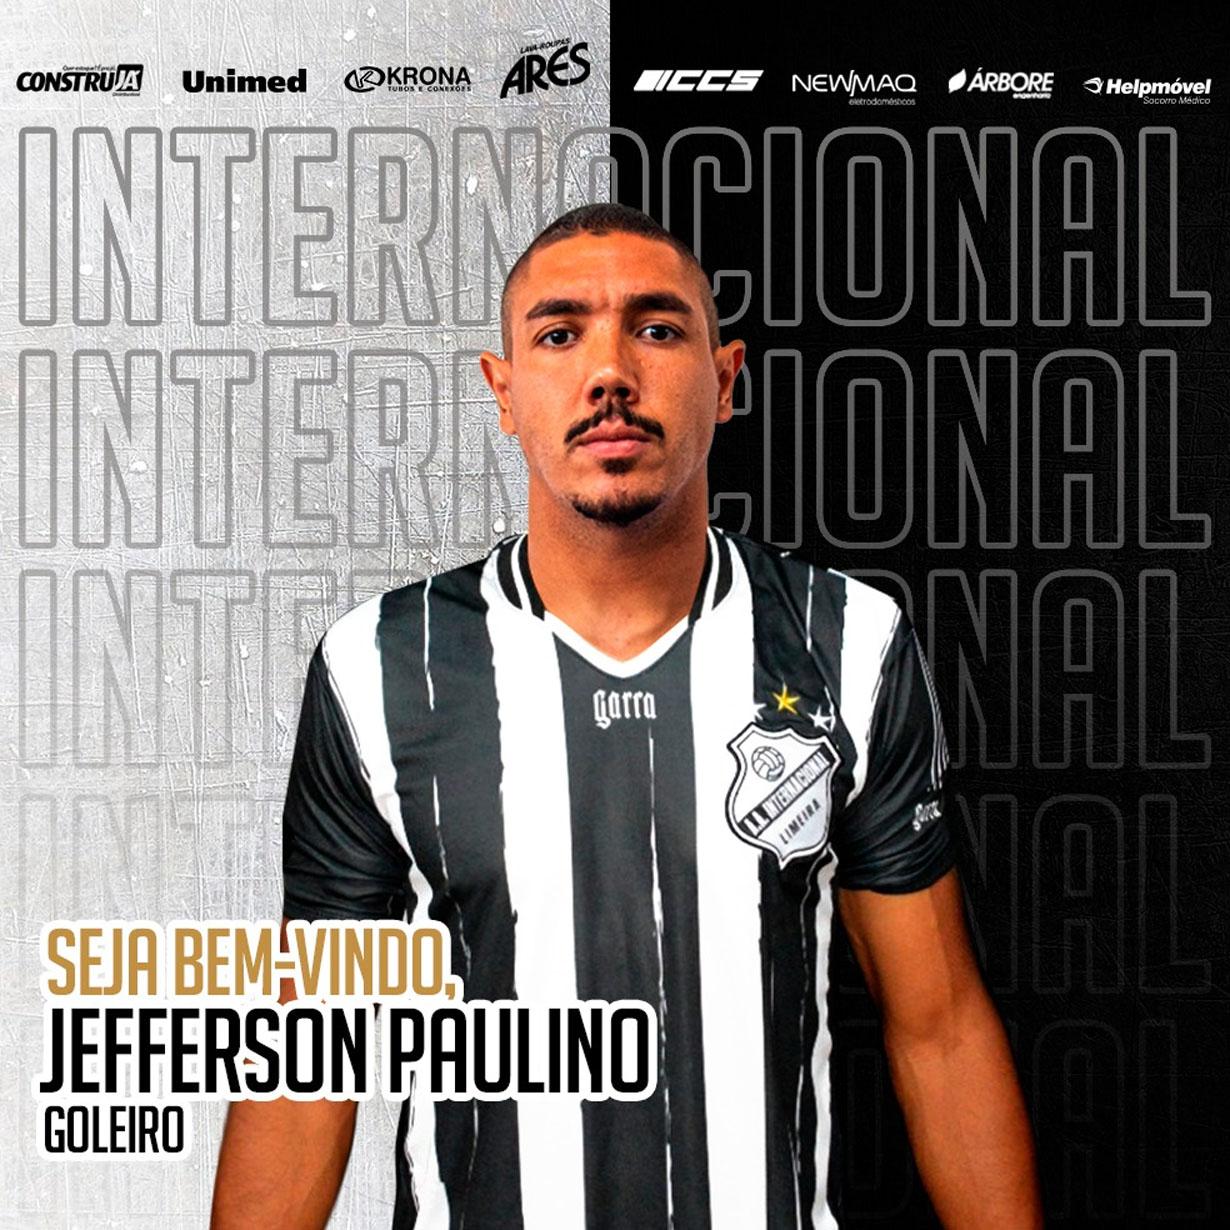 Inter acerta a contratação do goleiro Jefferson Paulino